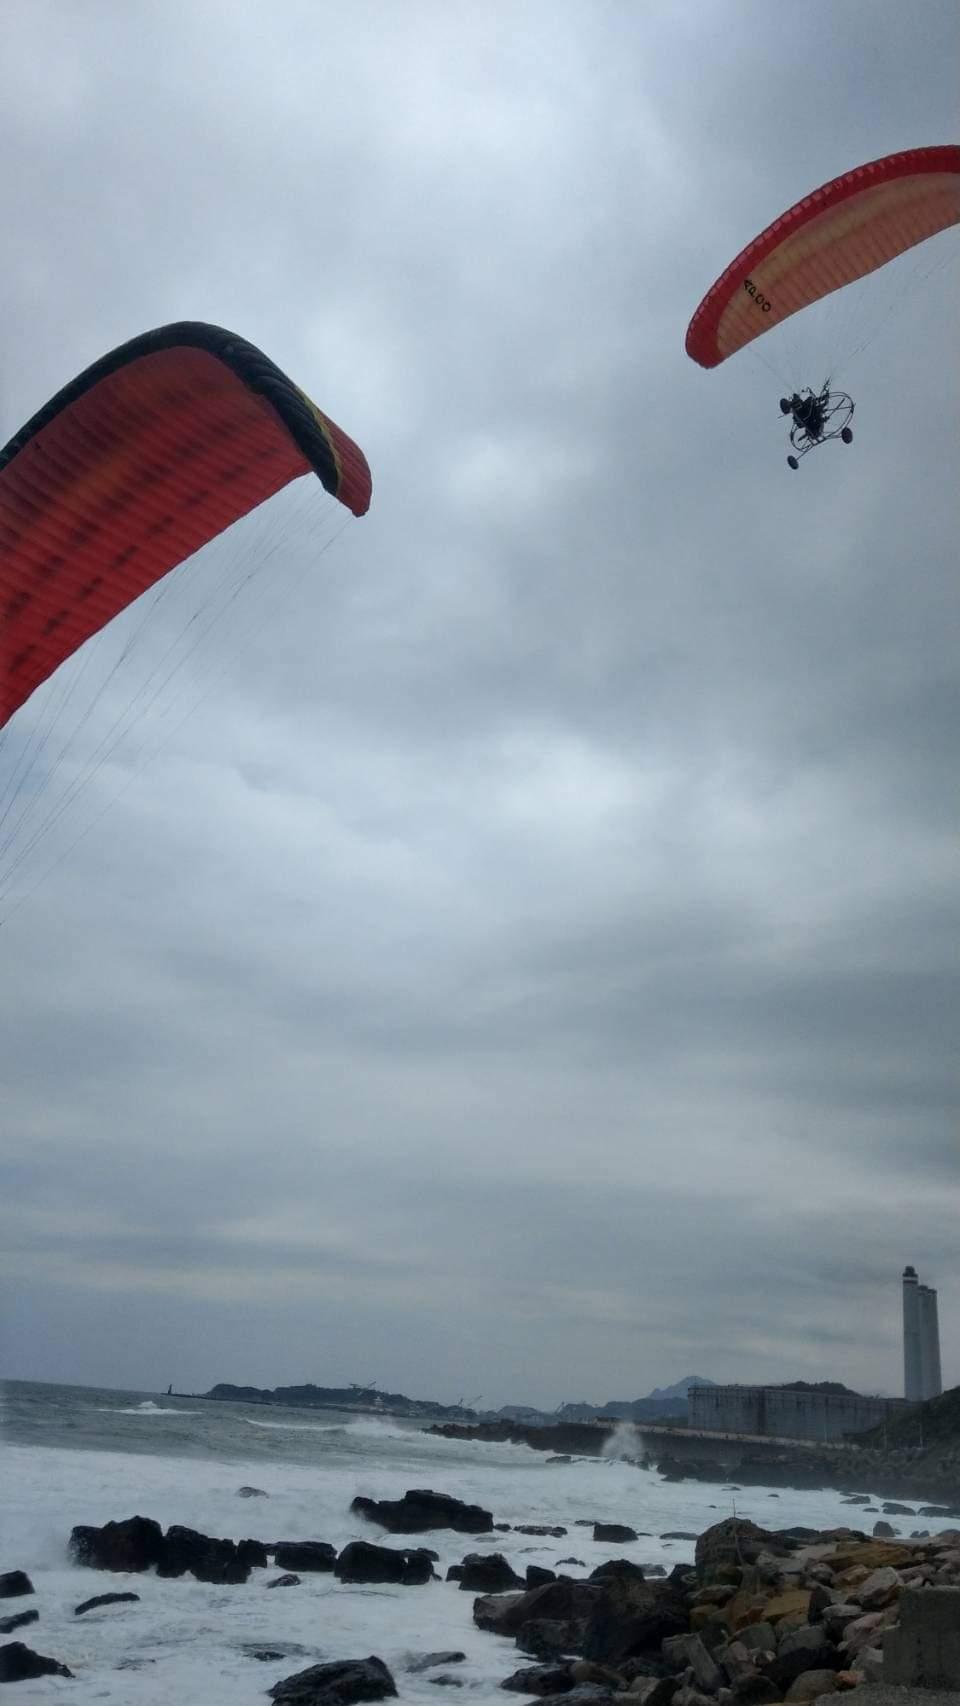 昨天中午,有兩位動力飛行傘玩家,在基隆港區飛行盤繞,並飛到市區,在這之前有人拍到...